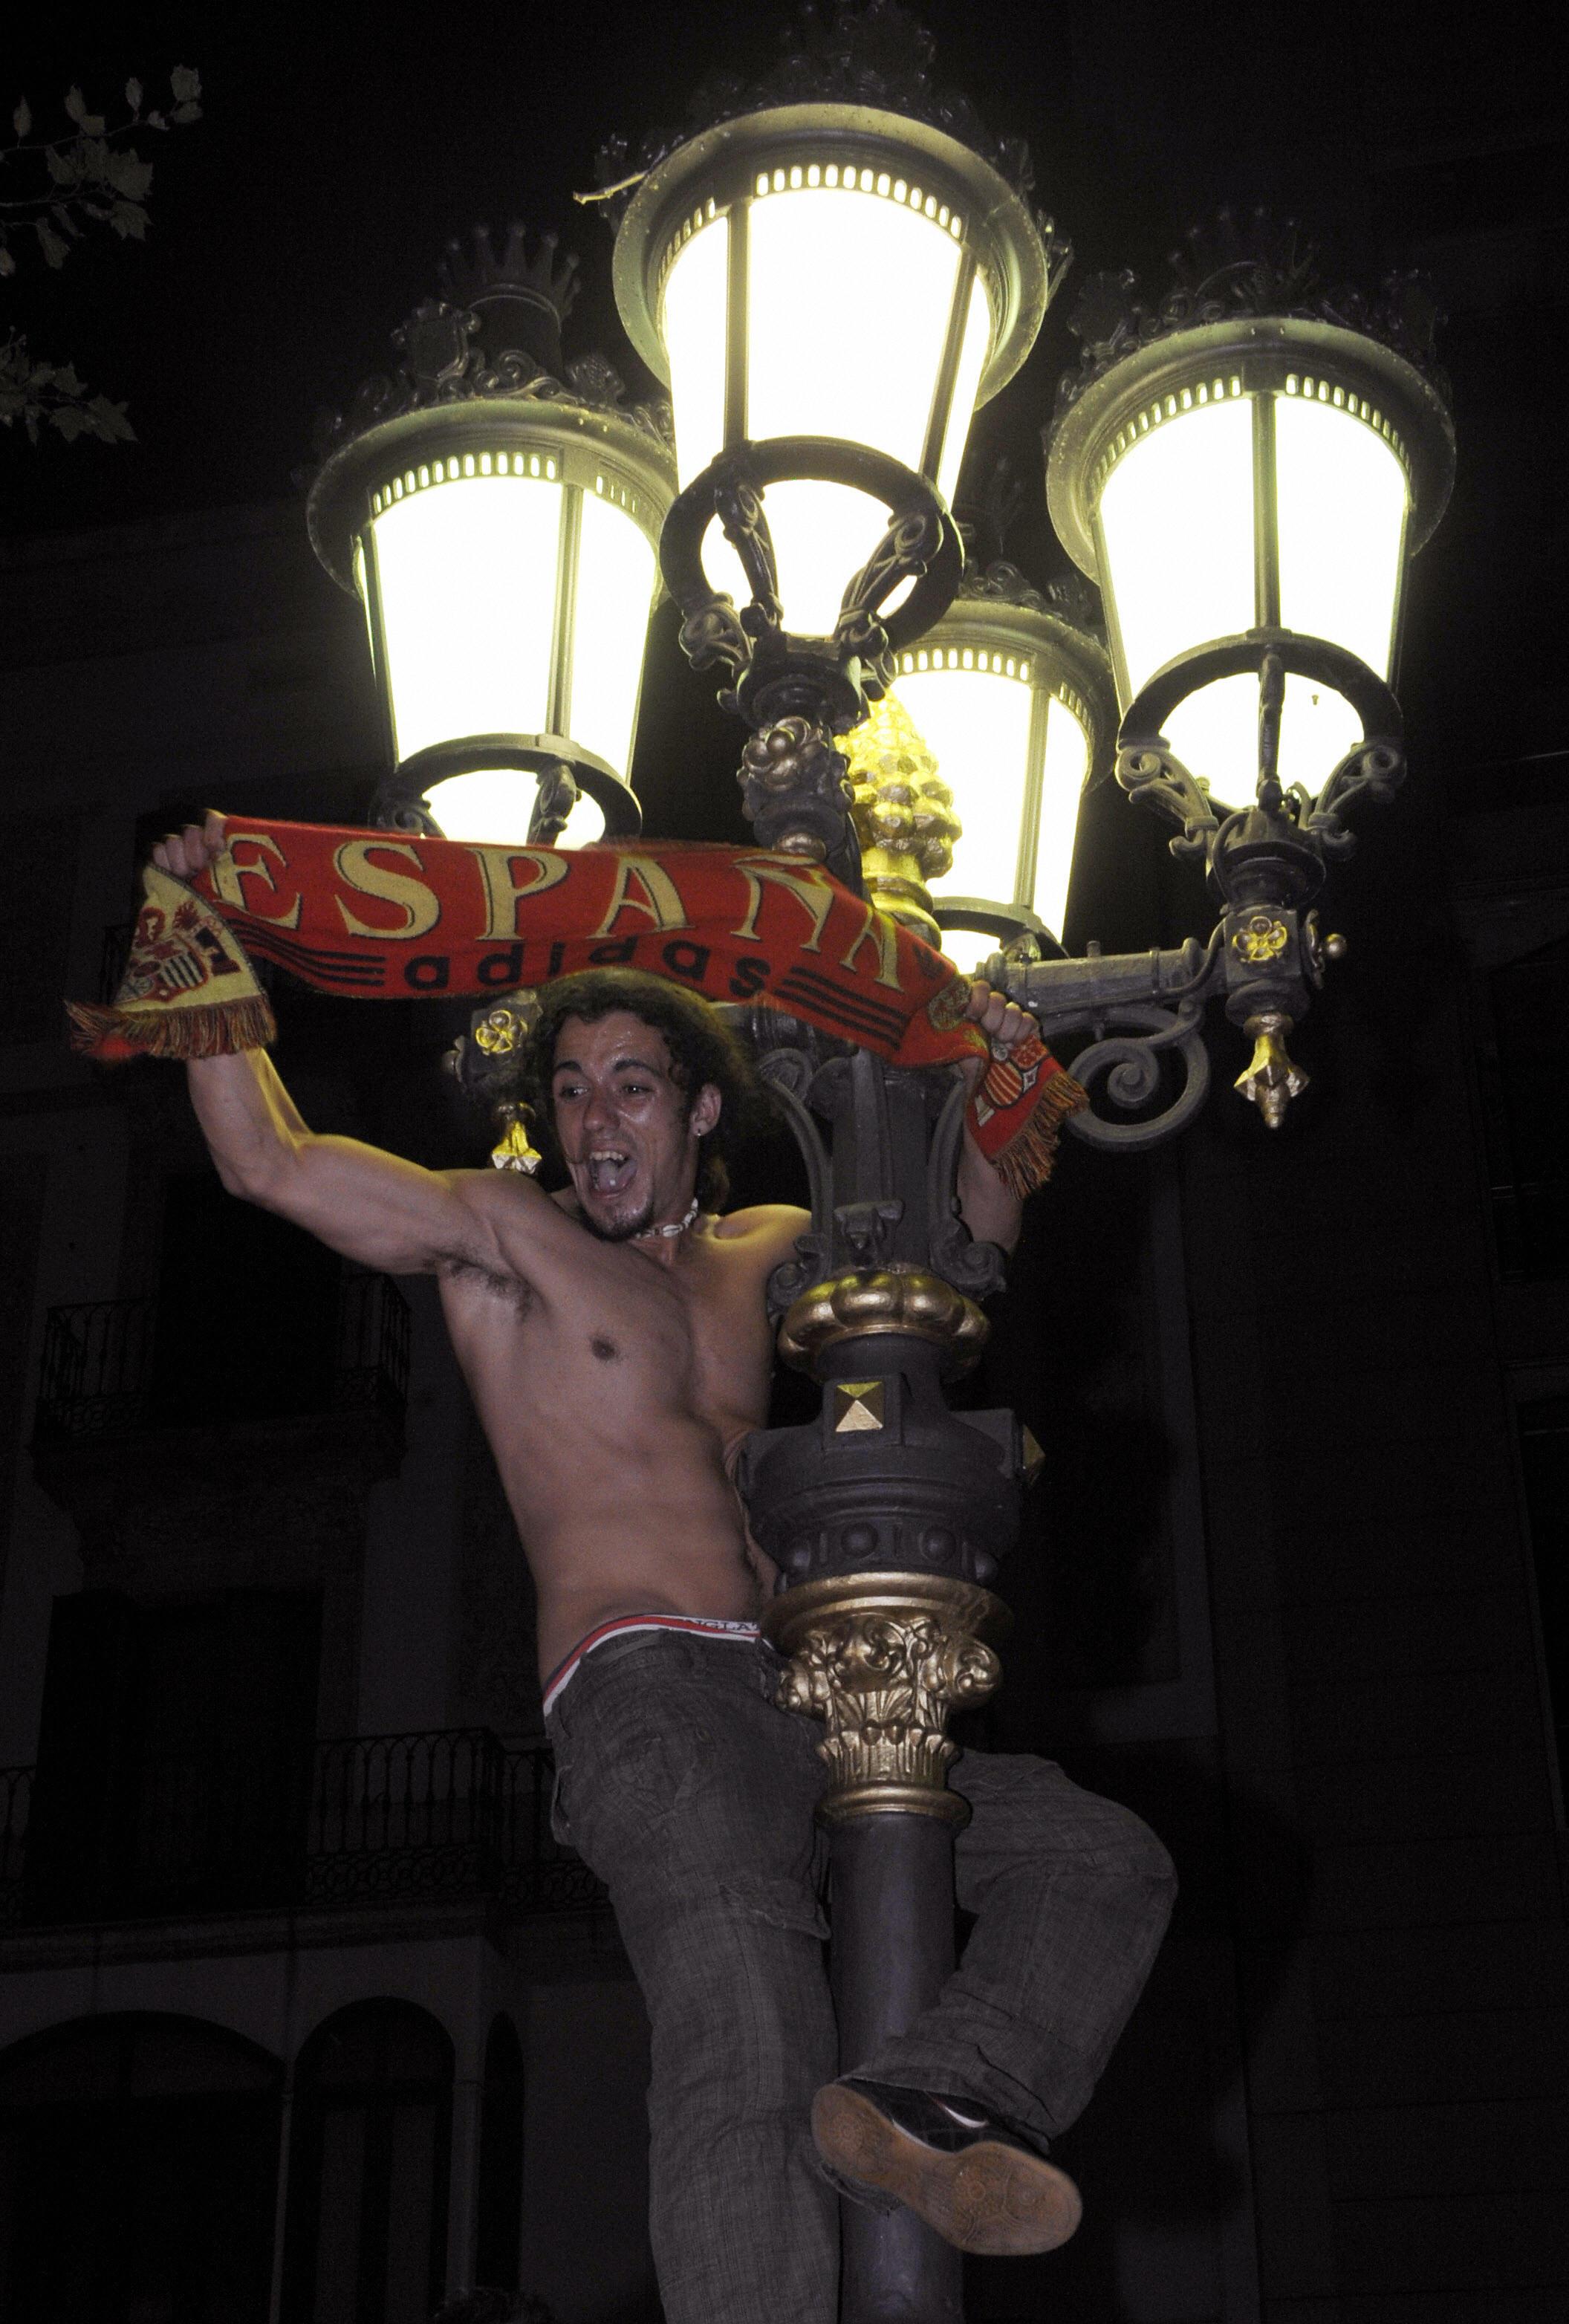 Celebrating in Barcelona!